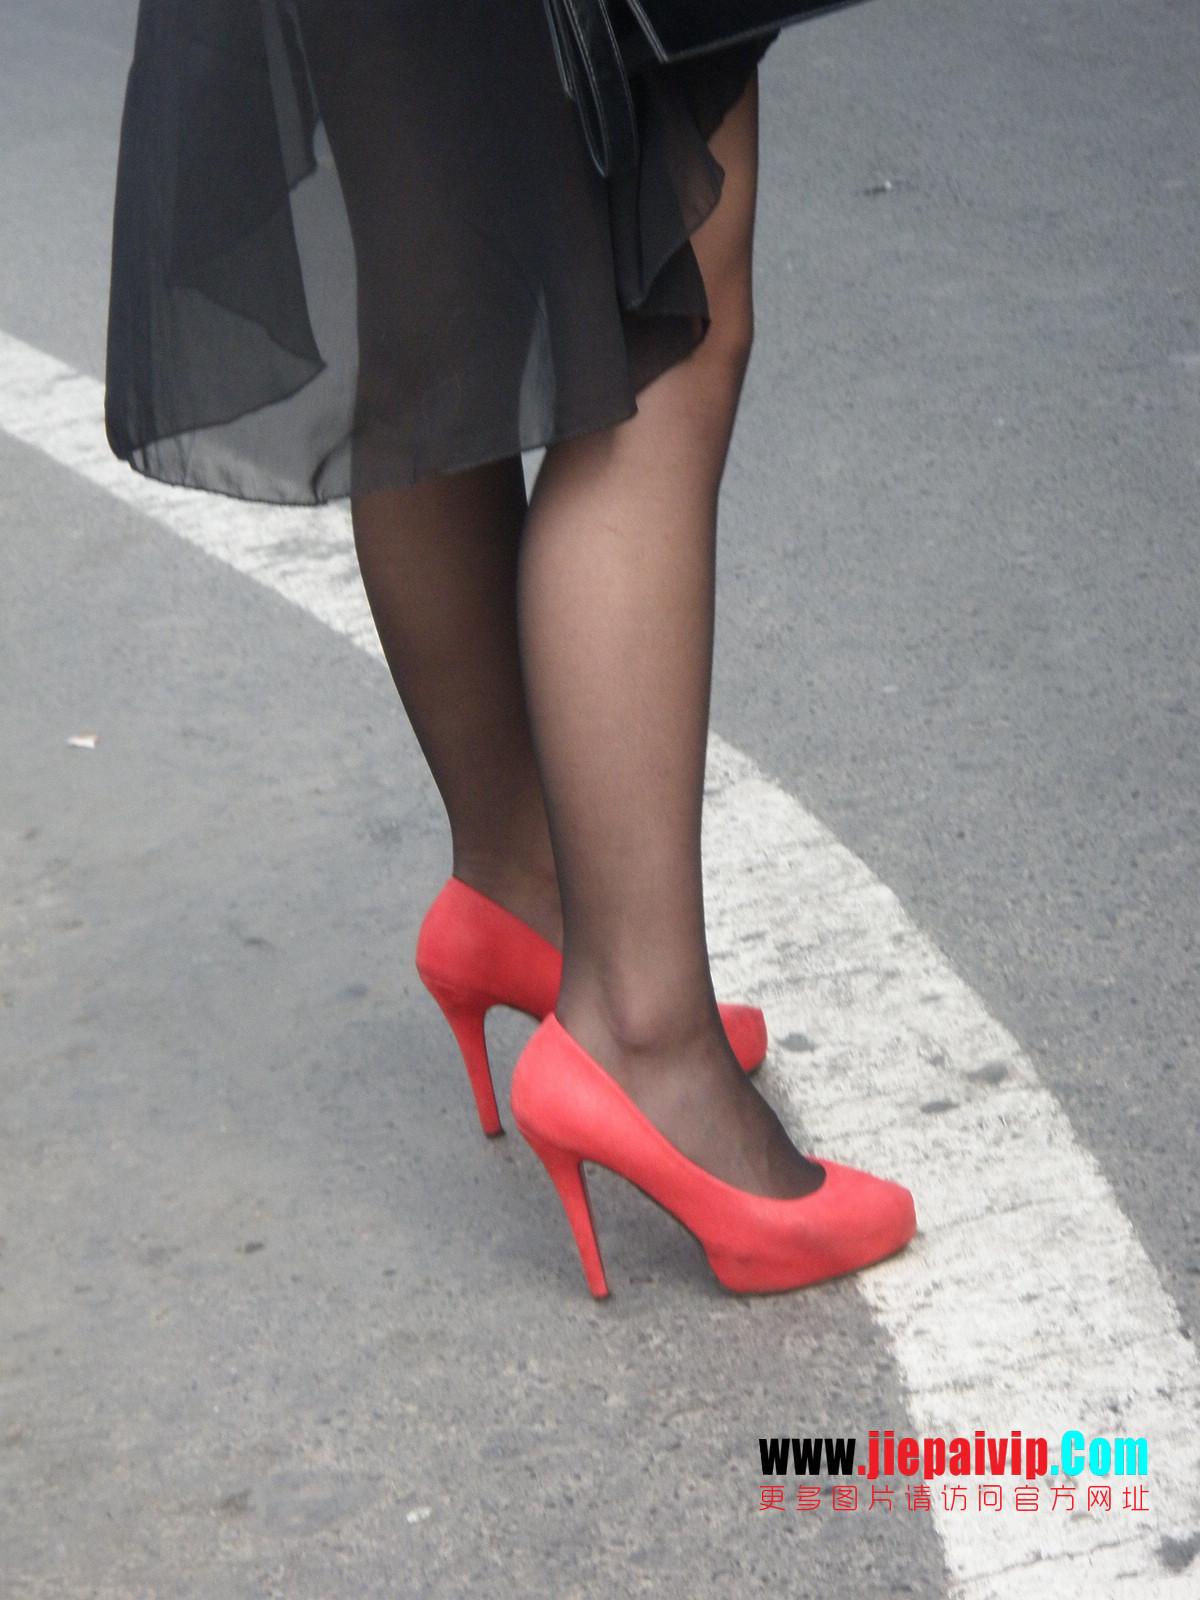 性感的红色高跟鞋黑丝袜美腿女人16